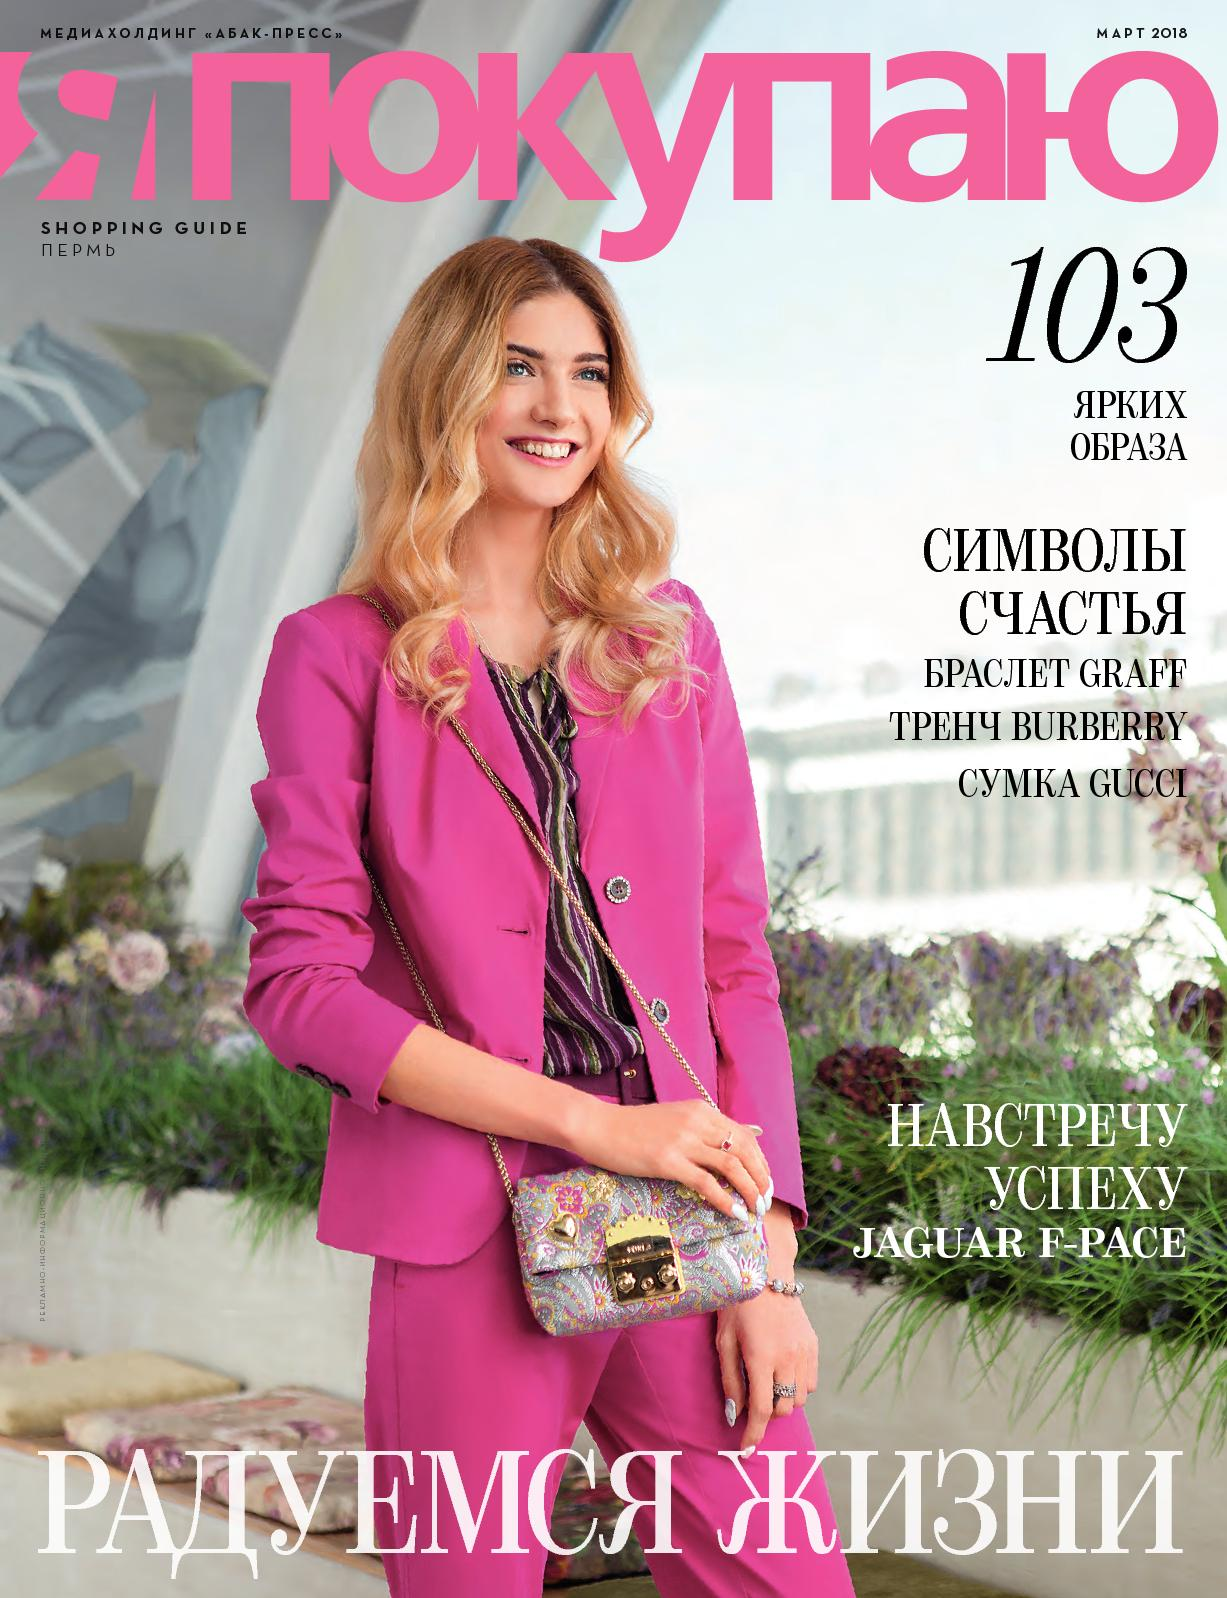 e9220251 Calaméo - Shopping Guide «Я Покупаю. Пермь», март 2018